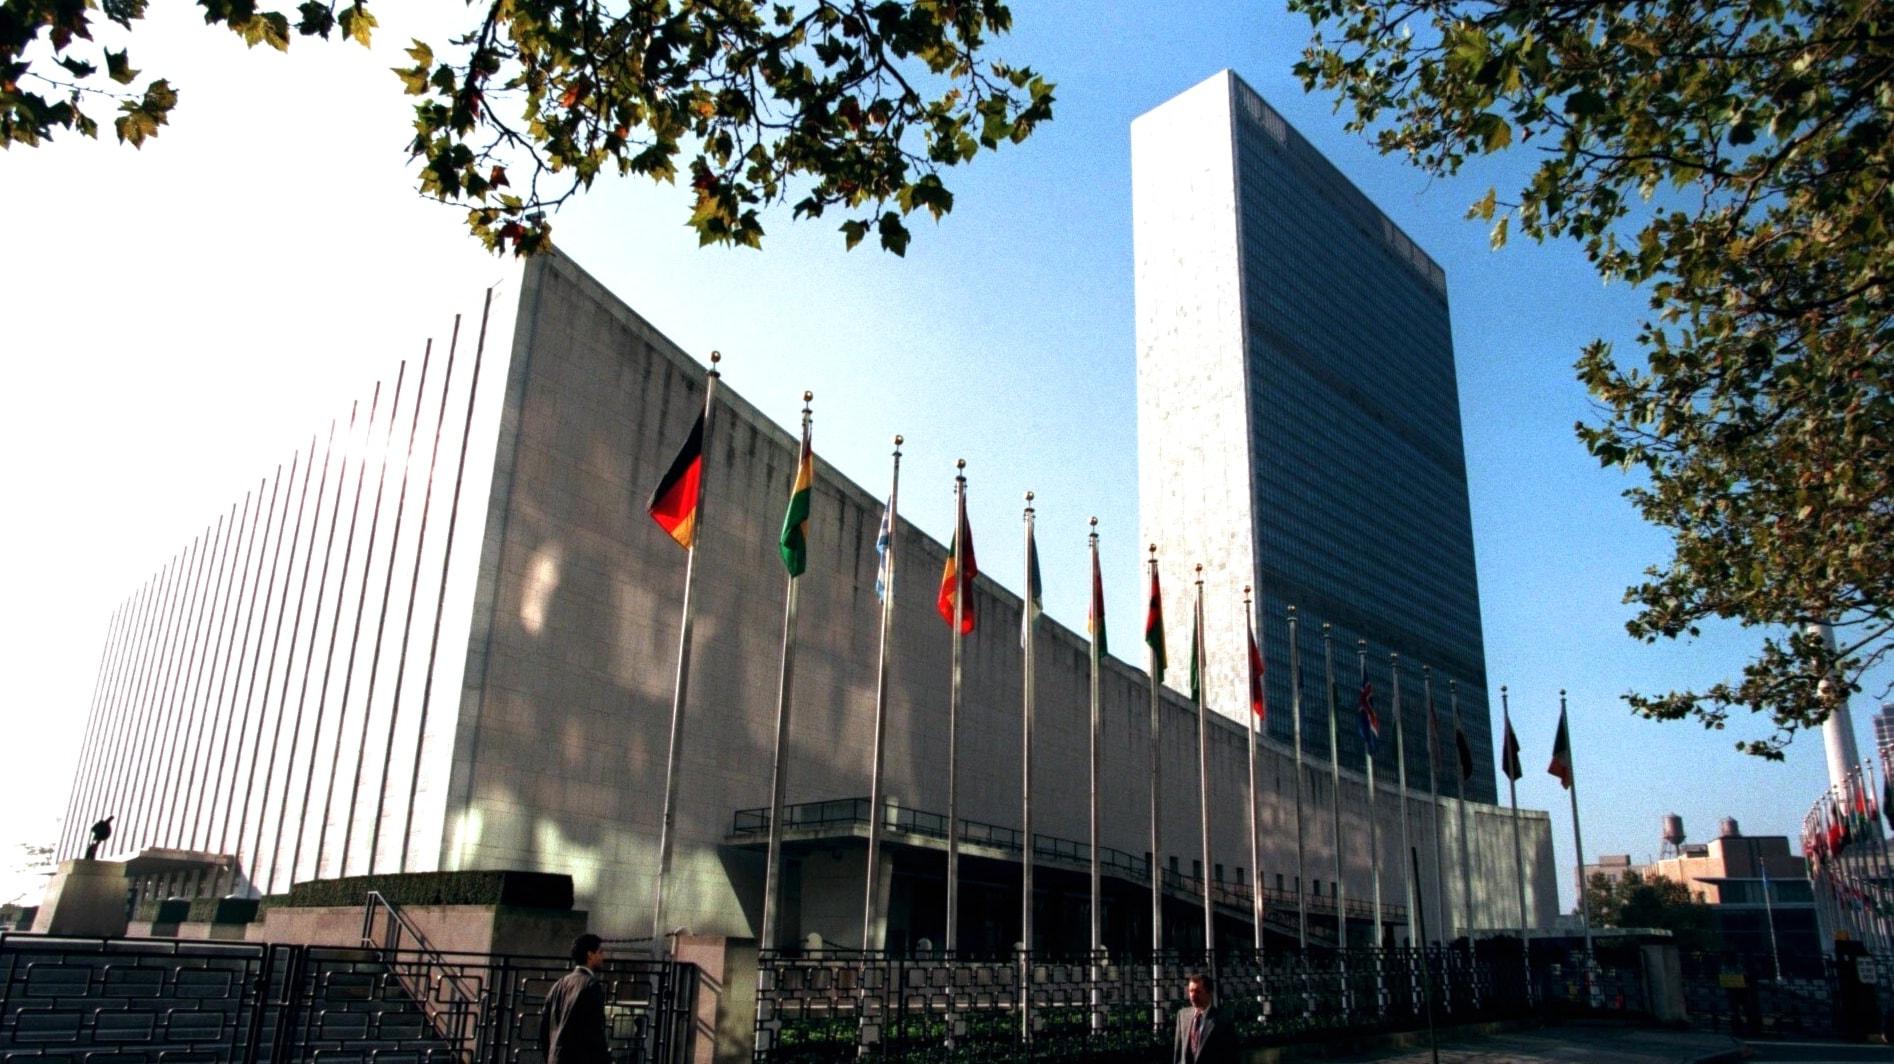 Sveriges väg mot FN:s säkerhetsråd